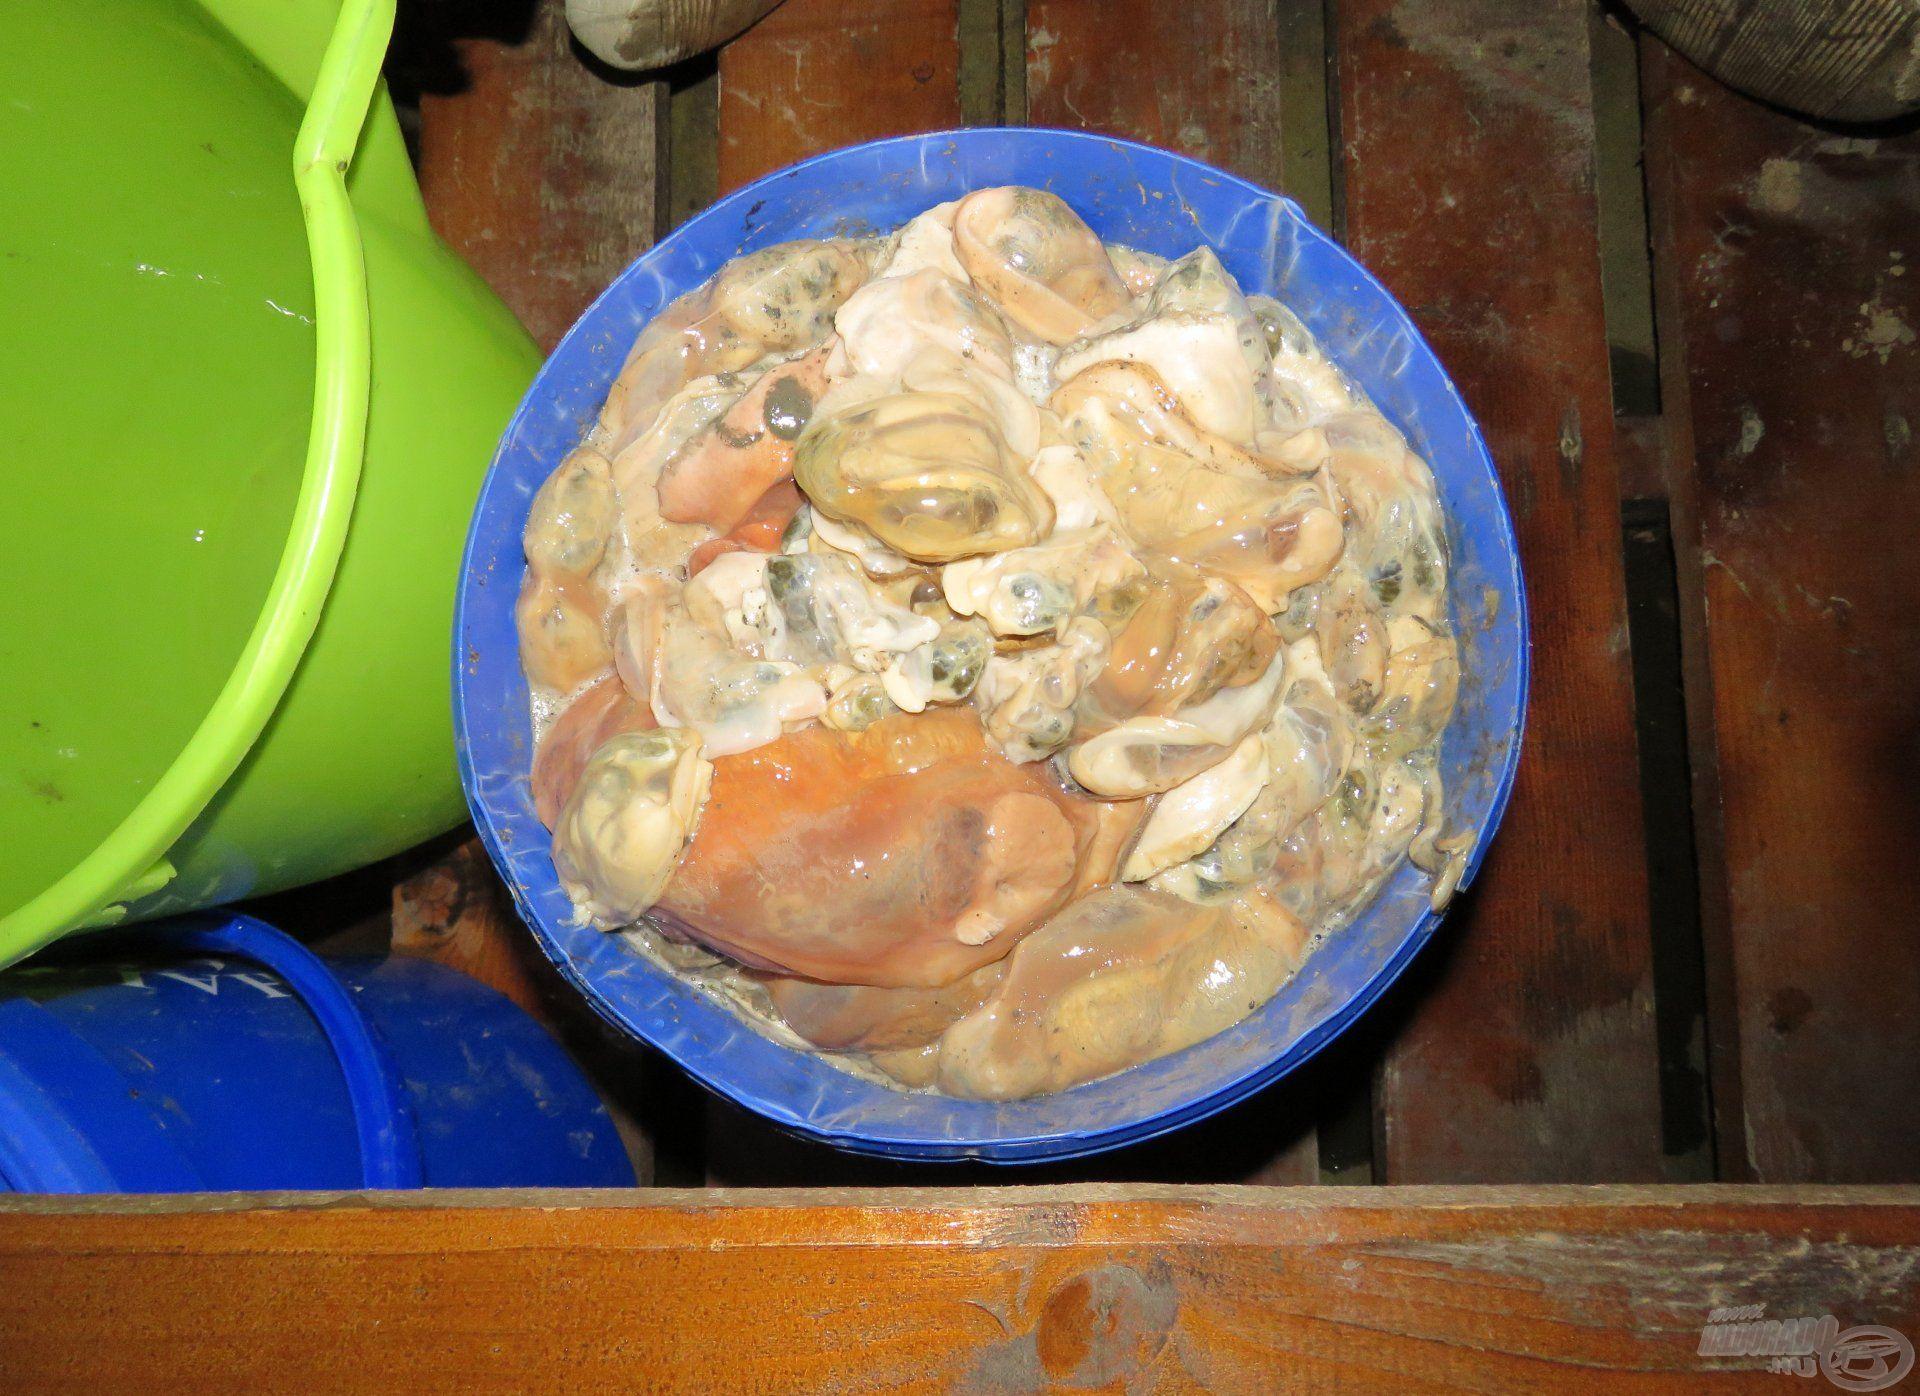 Egy vödör kagylóbél tálalva